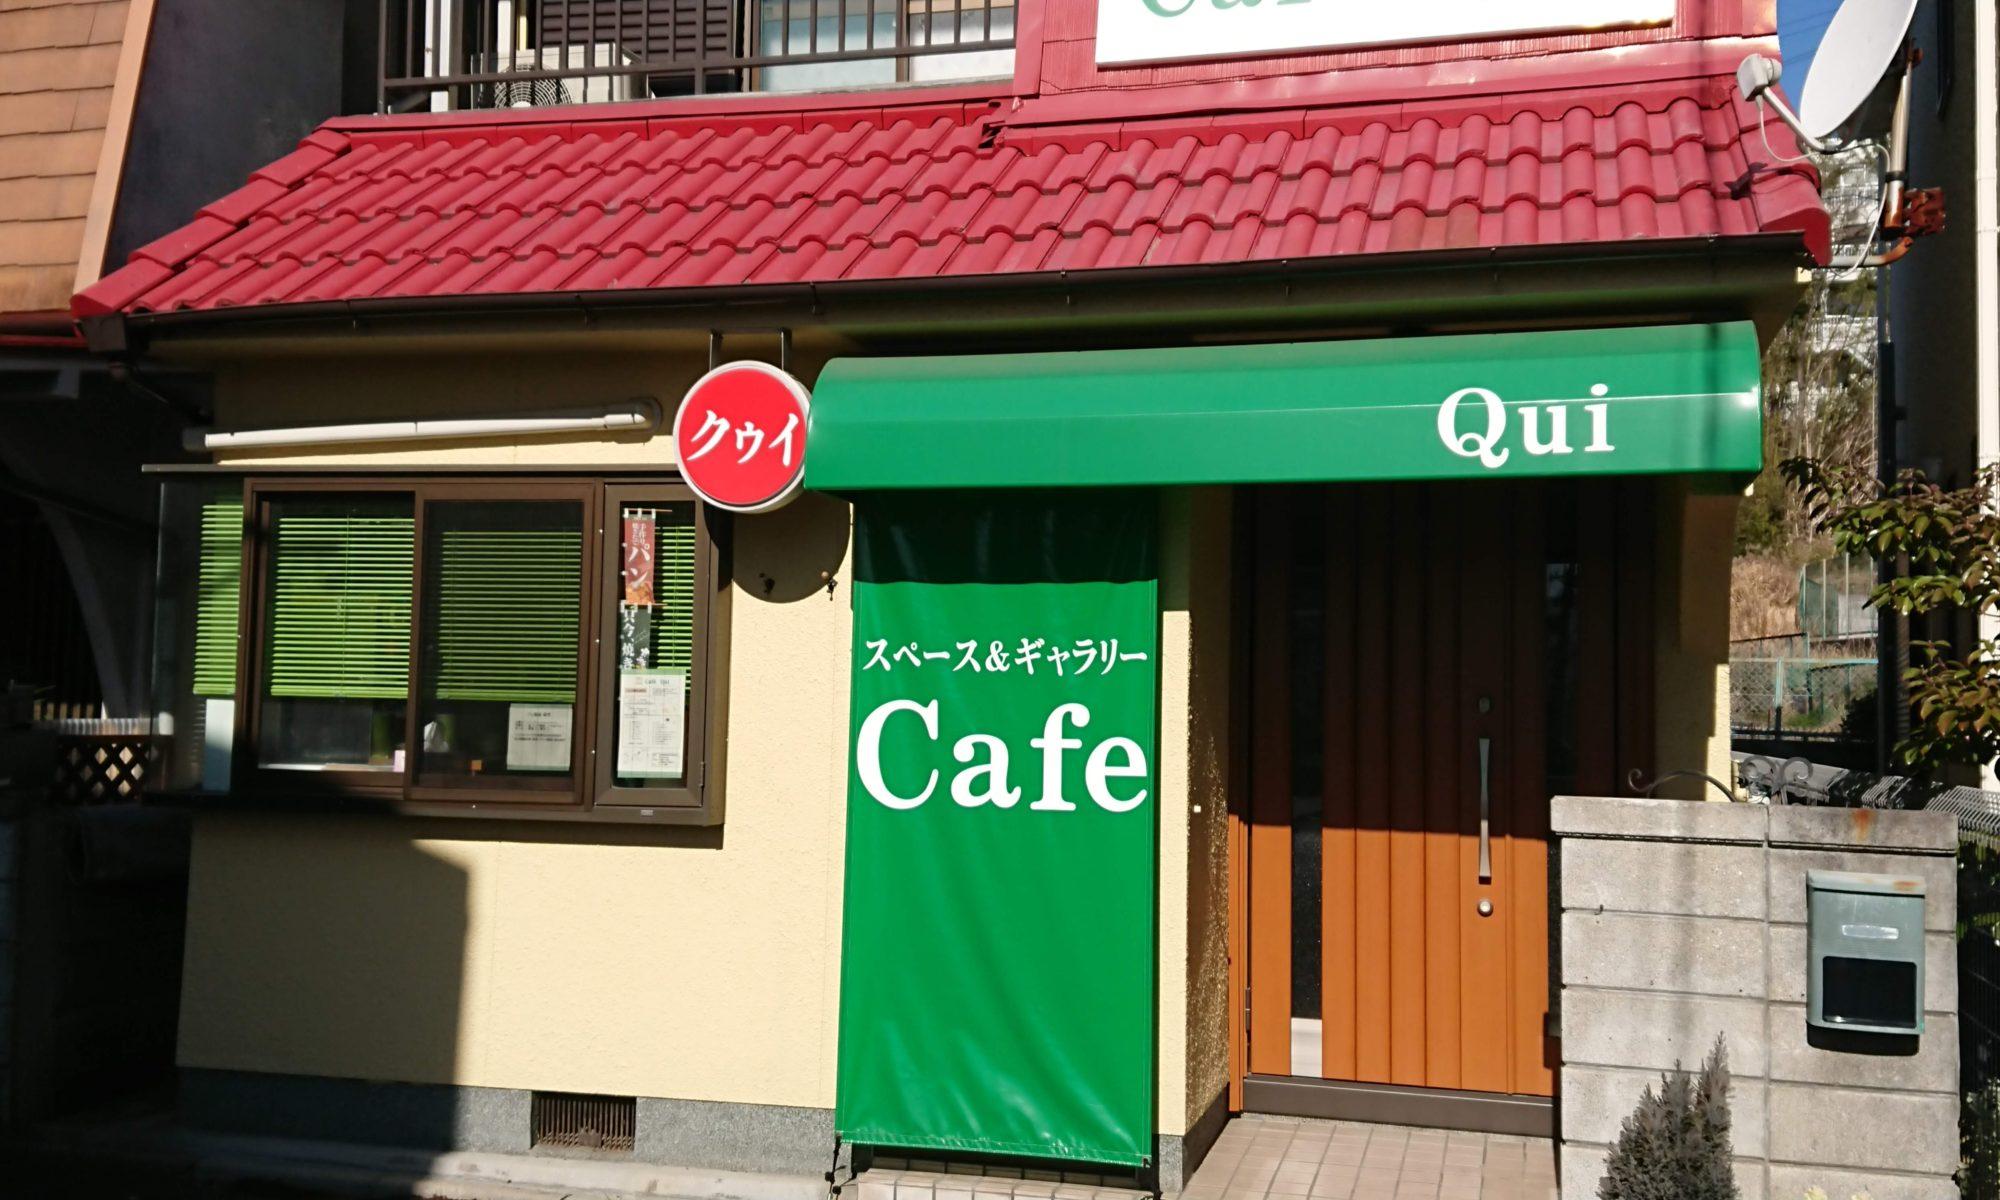 Cafe Qui